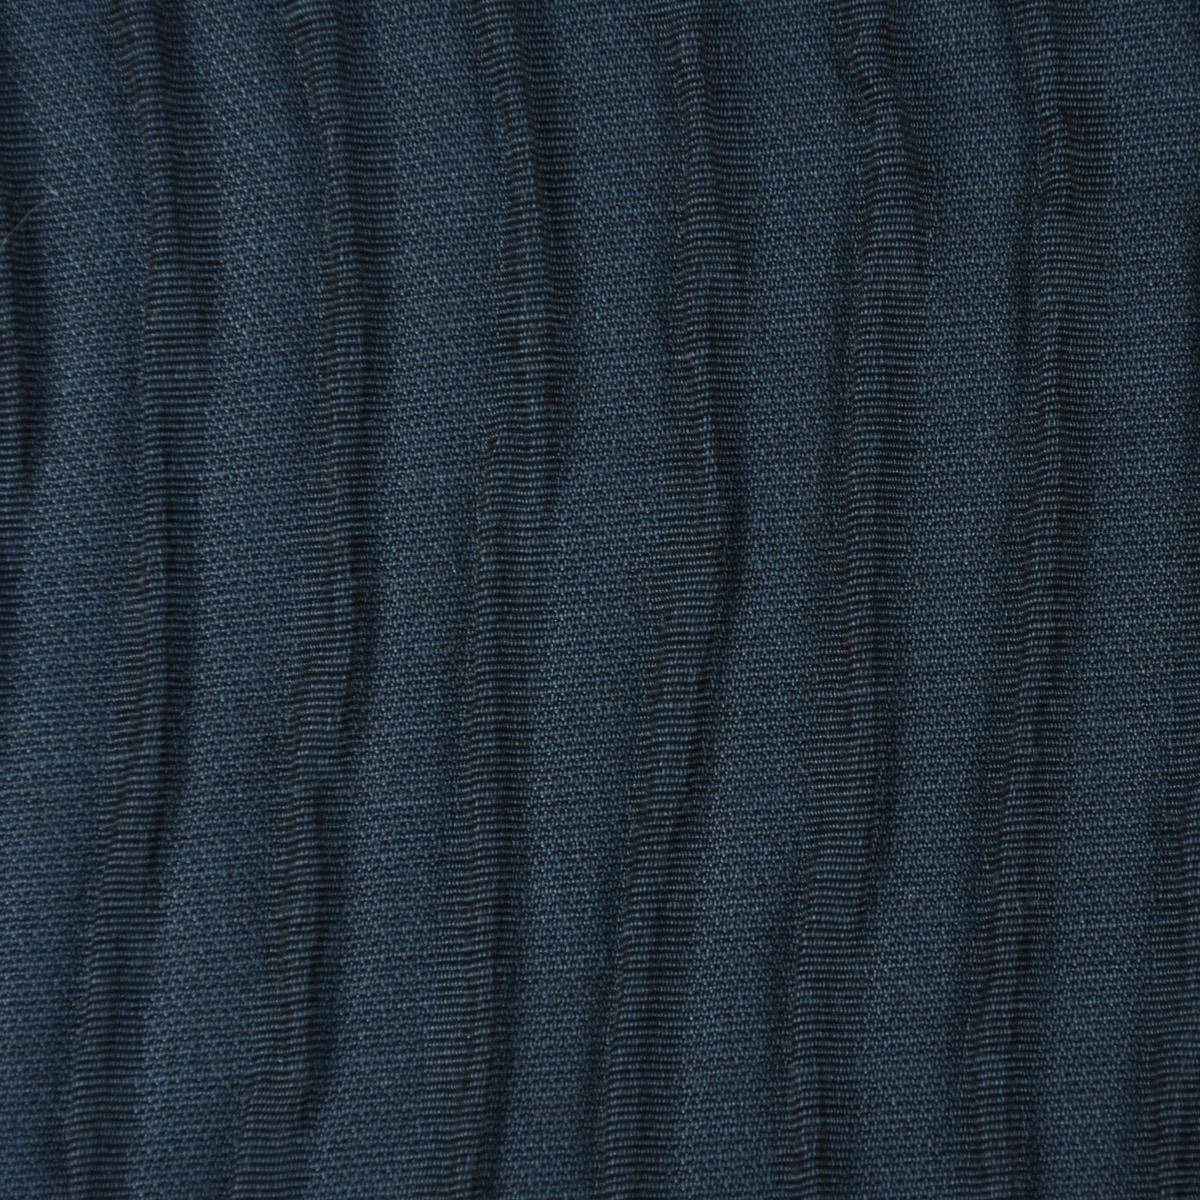 Schöner Wohnen Dekostoff Doppelgewebe Reliefeffekt Run Linien dunkelblau 126cm Breite